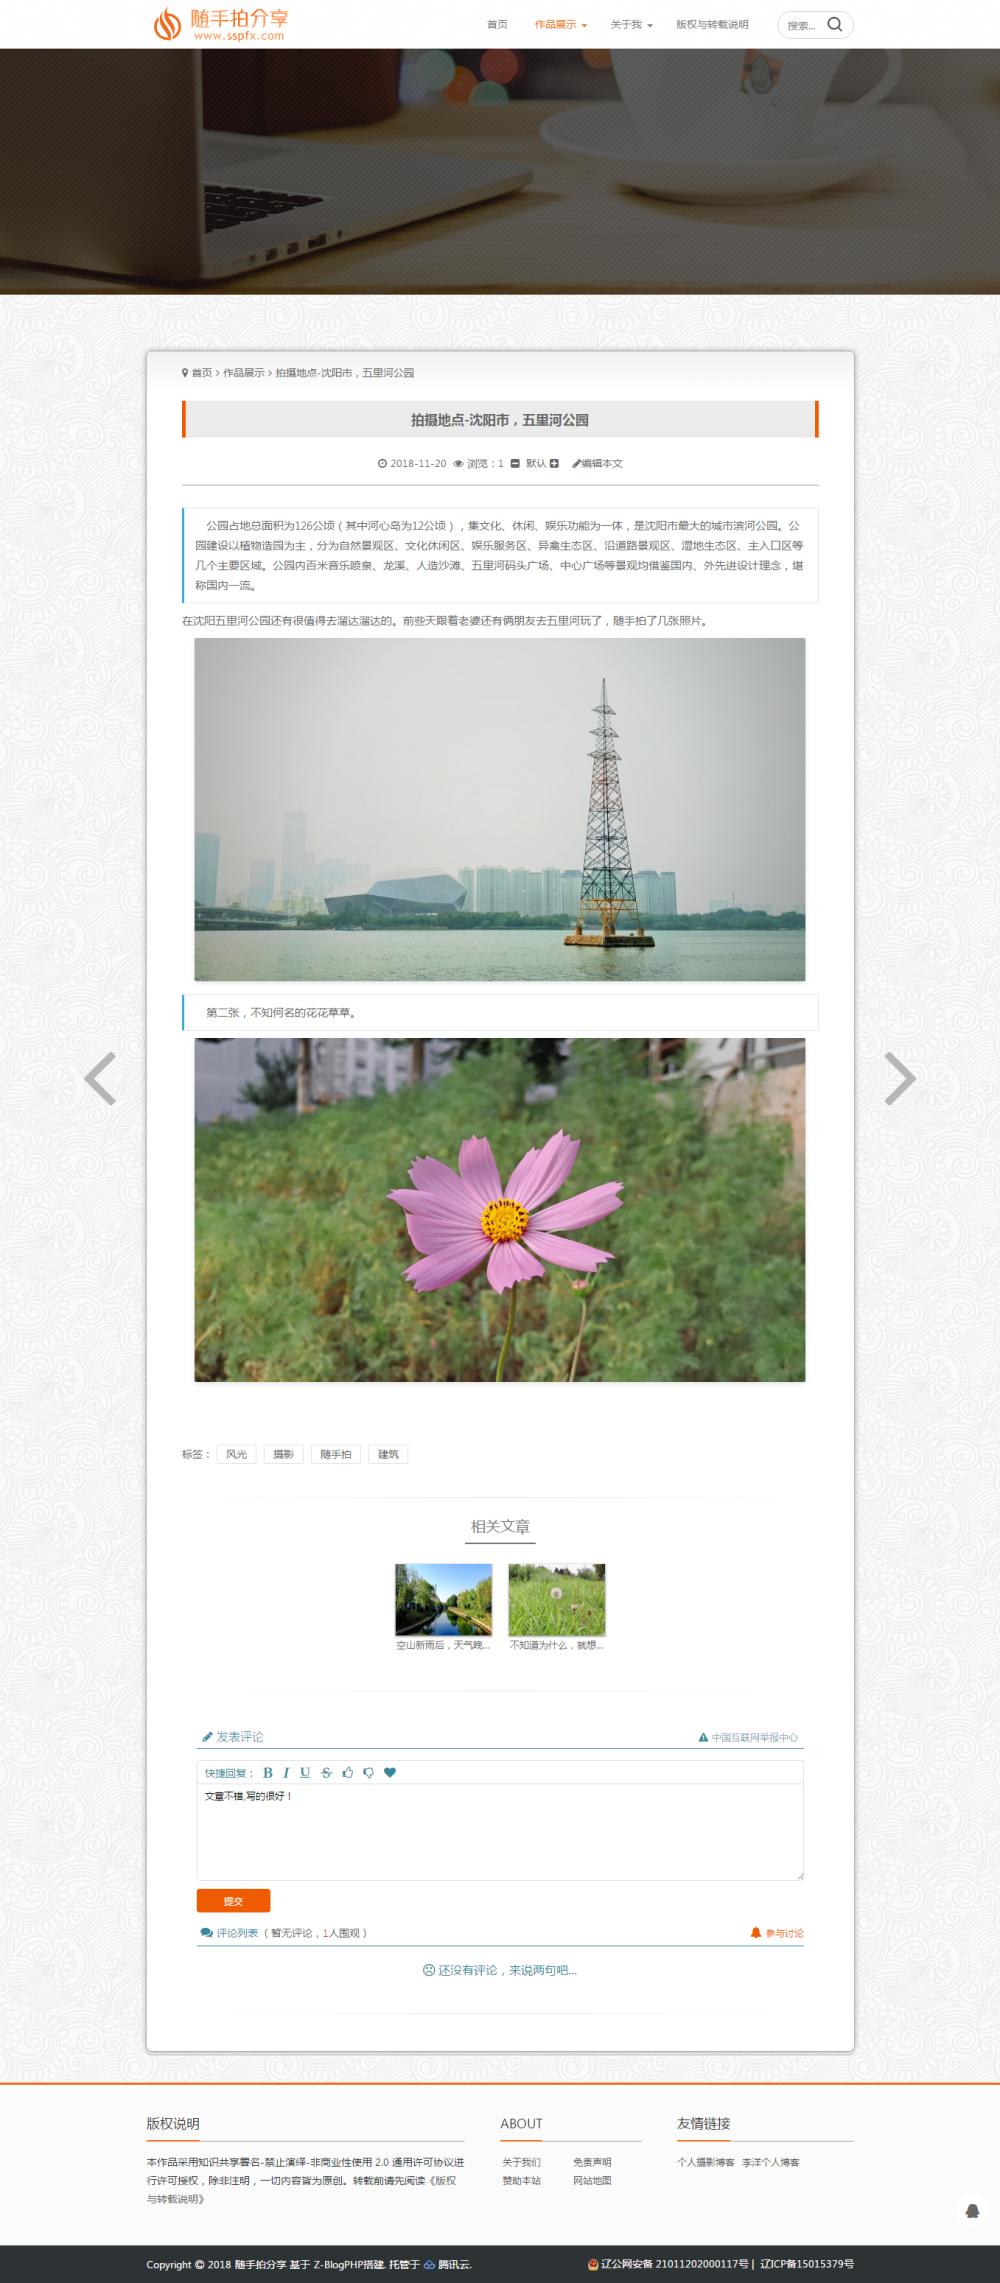 拍摄地点-沈阳市,五里河公园 - 作品展示 - 随手拍分享.png